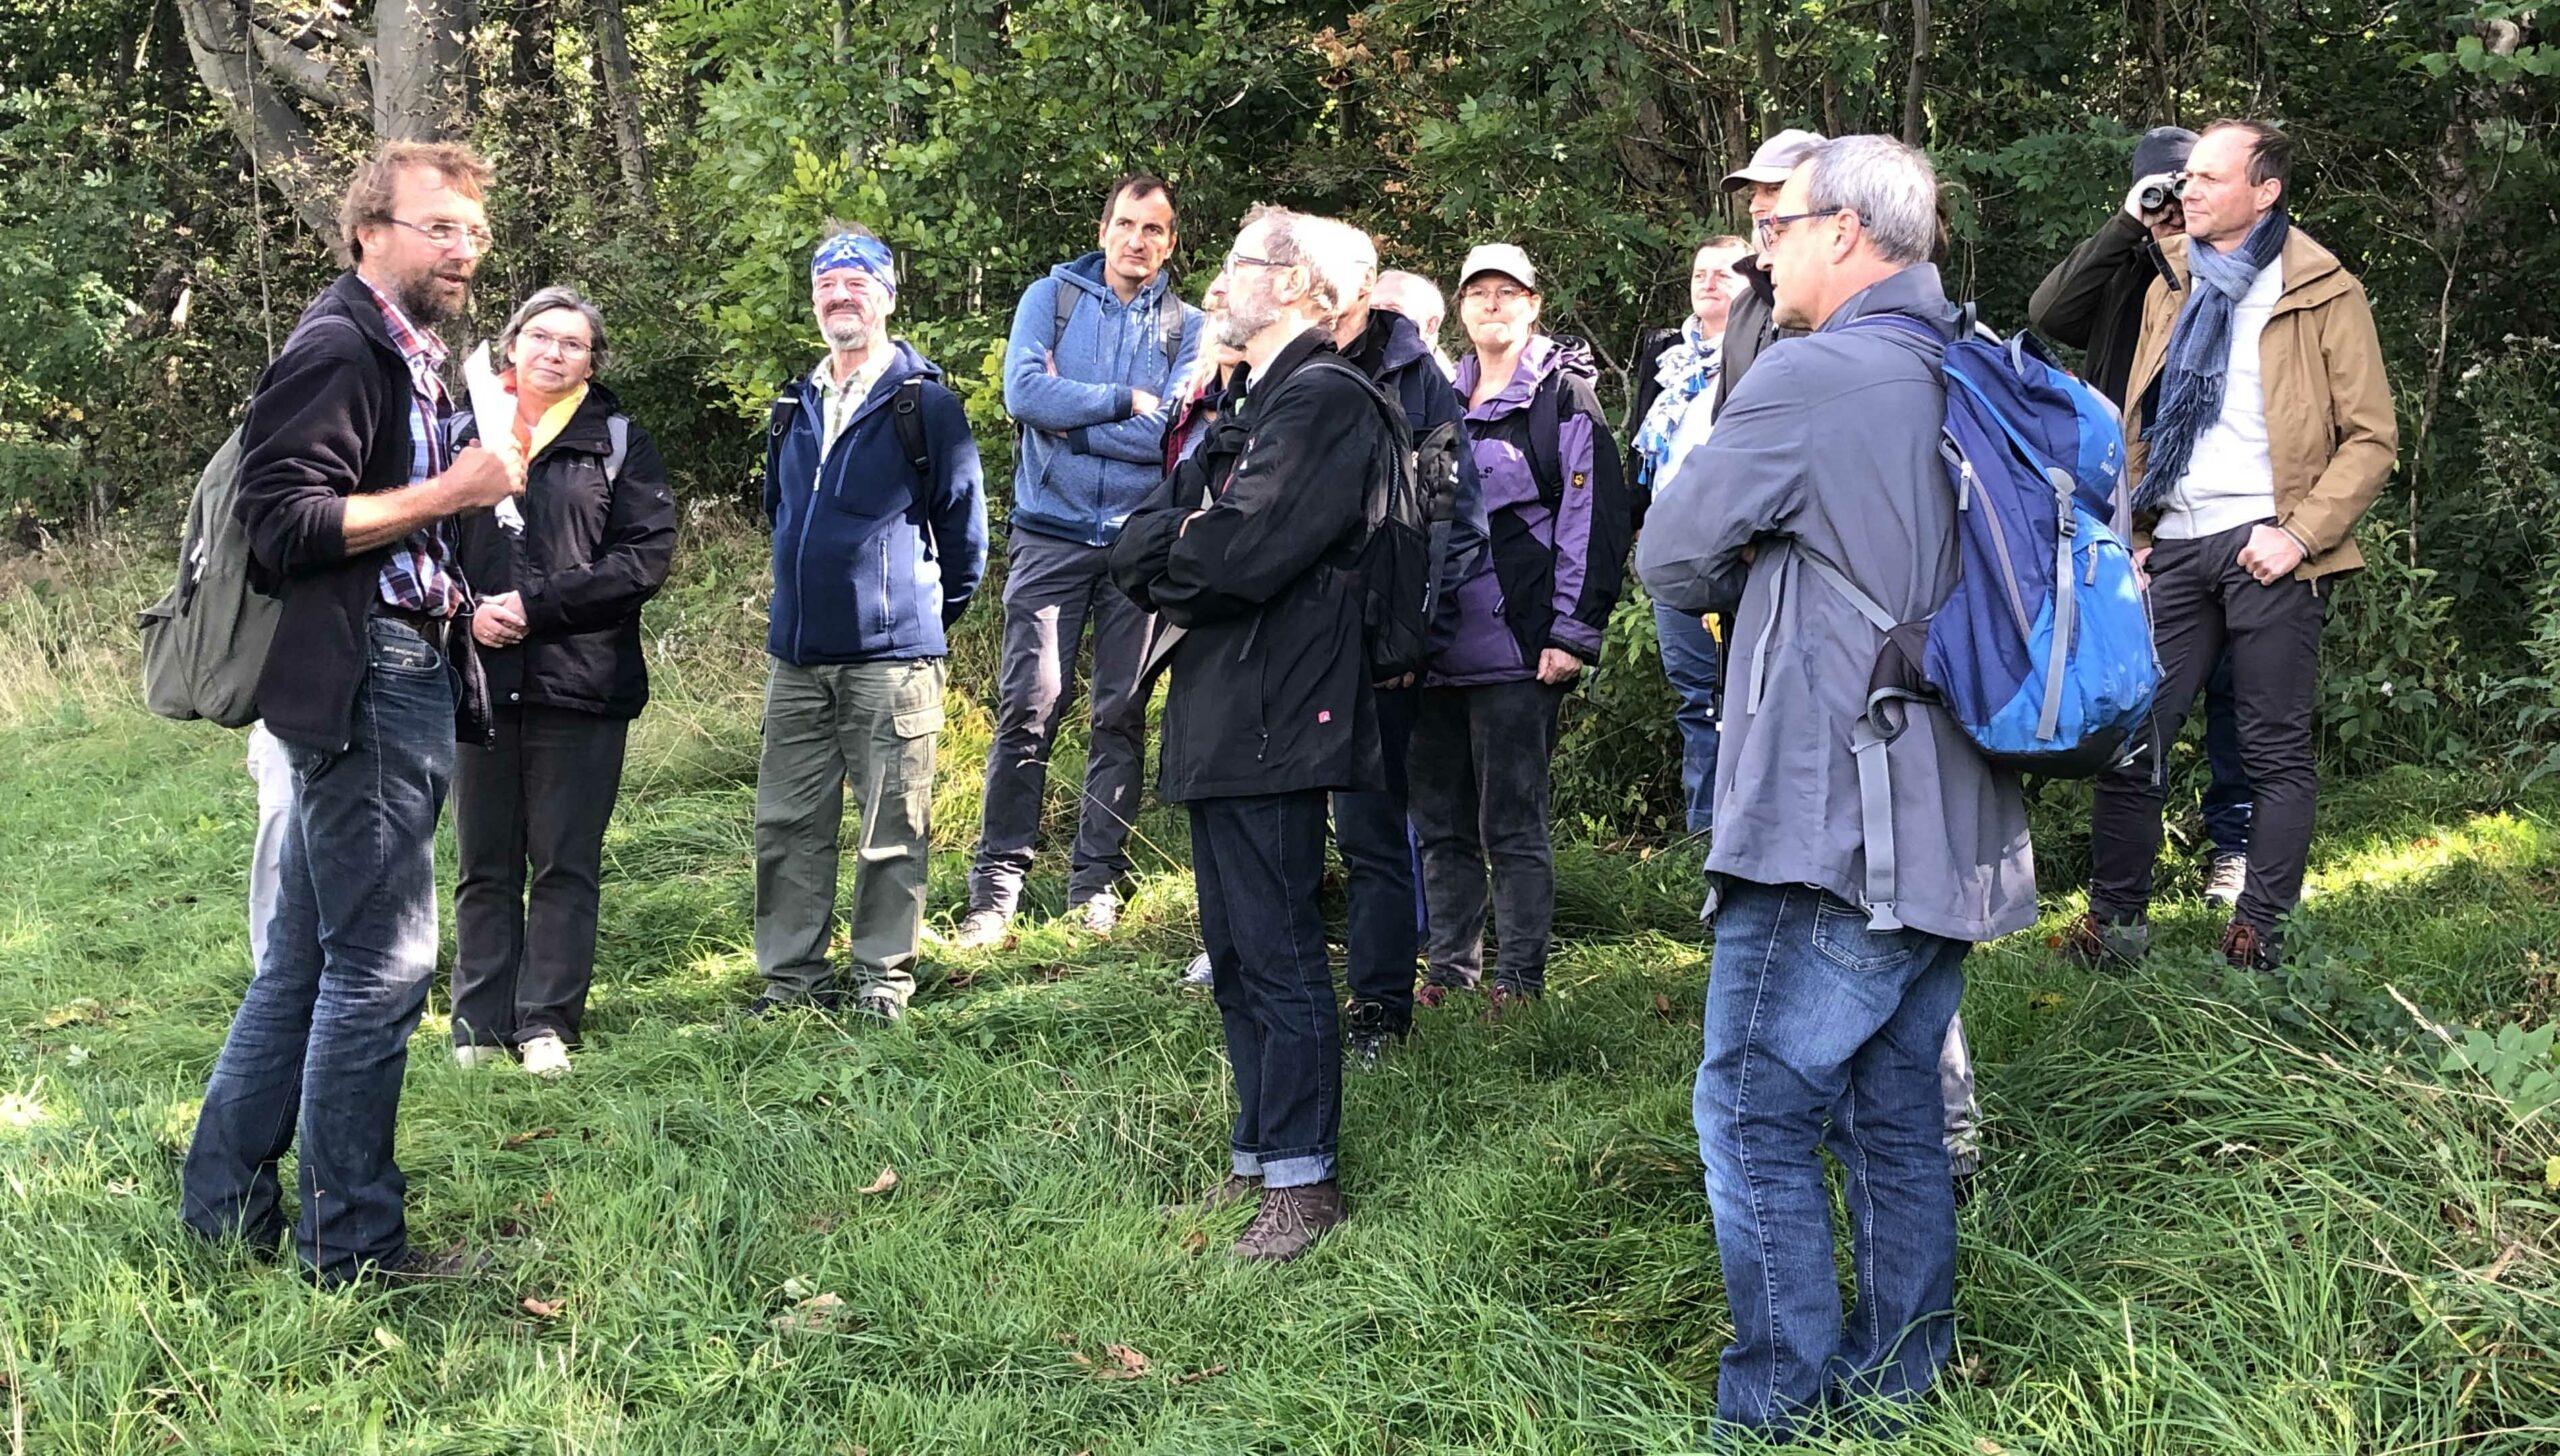 Geisingbergexkursion mit ausgezeichneten Naturschutz-Ehrenamtlern